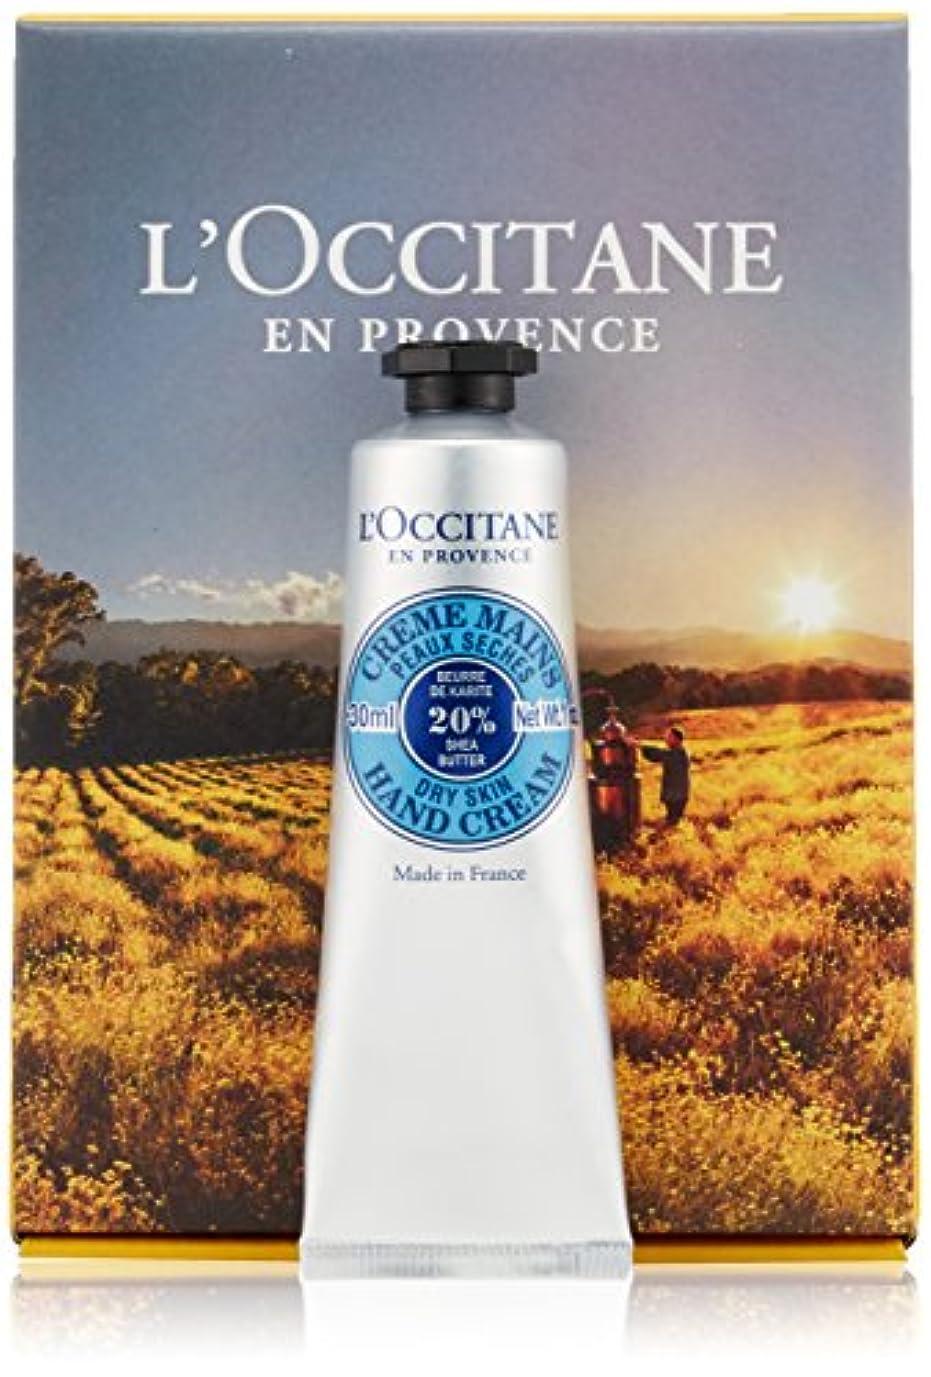 実り多い振る舞いジョガーロクシタン(L'OCCITANE) シアハンドクリーム 30ml BOX入り